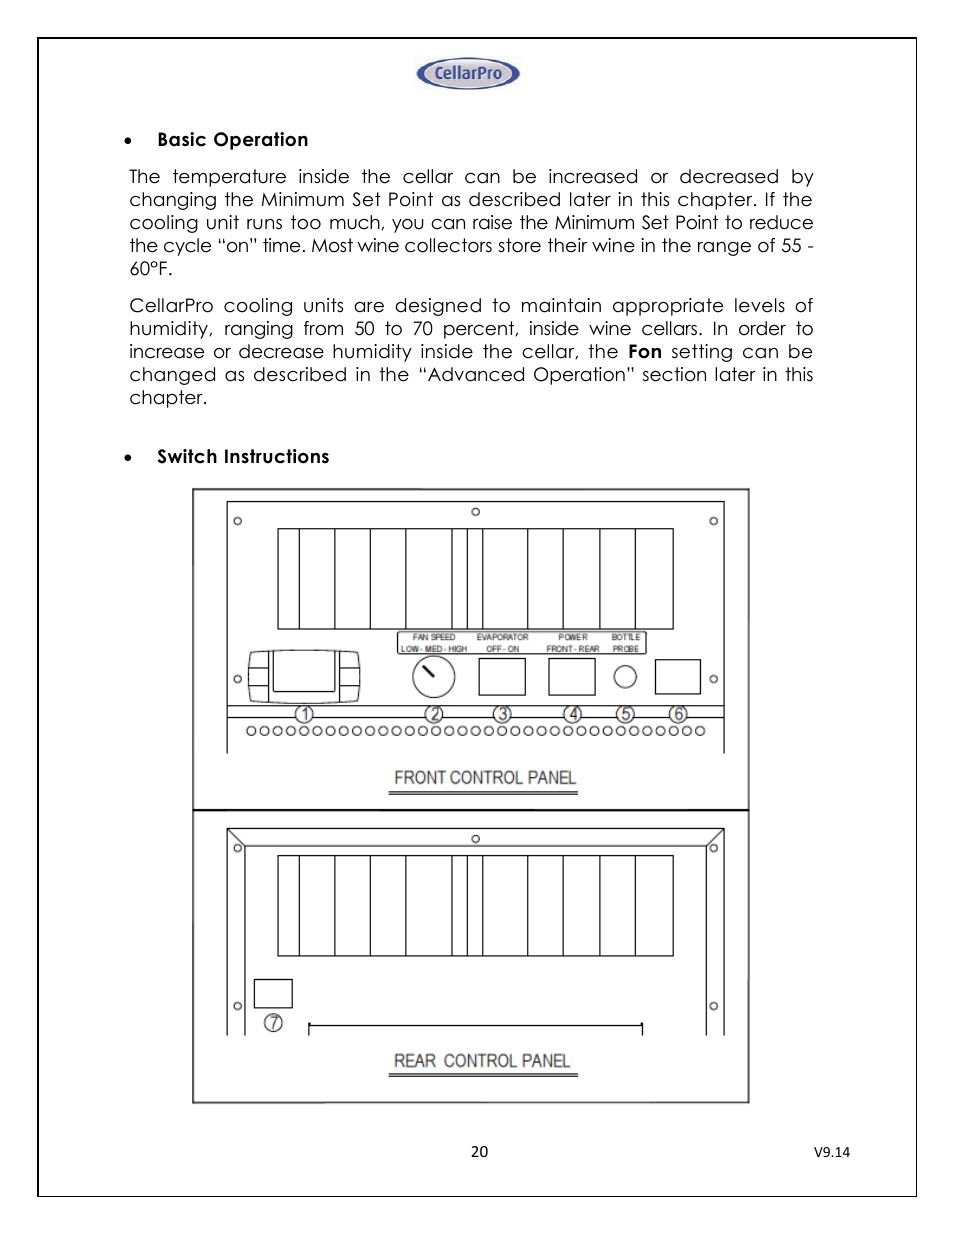 CellarPro 4200VSI-B BEER REFRIGERATION SYSTEM, 2177 User Manual | Page 20 /  32